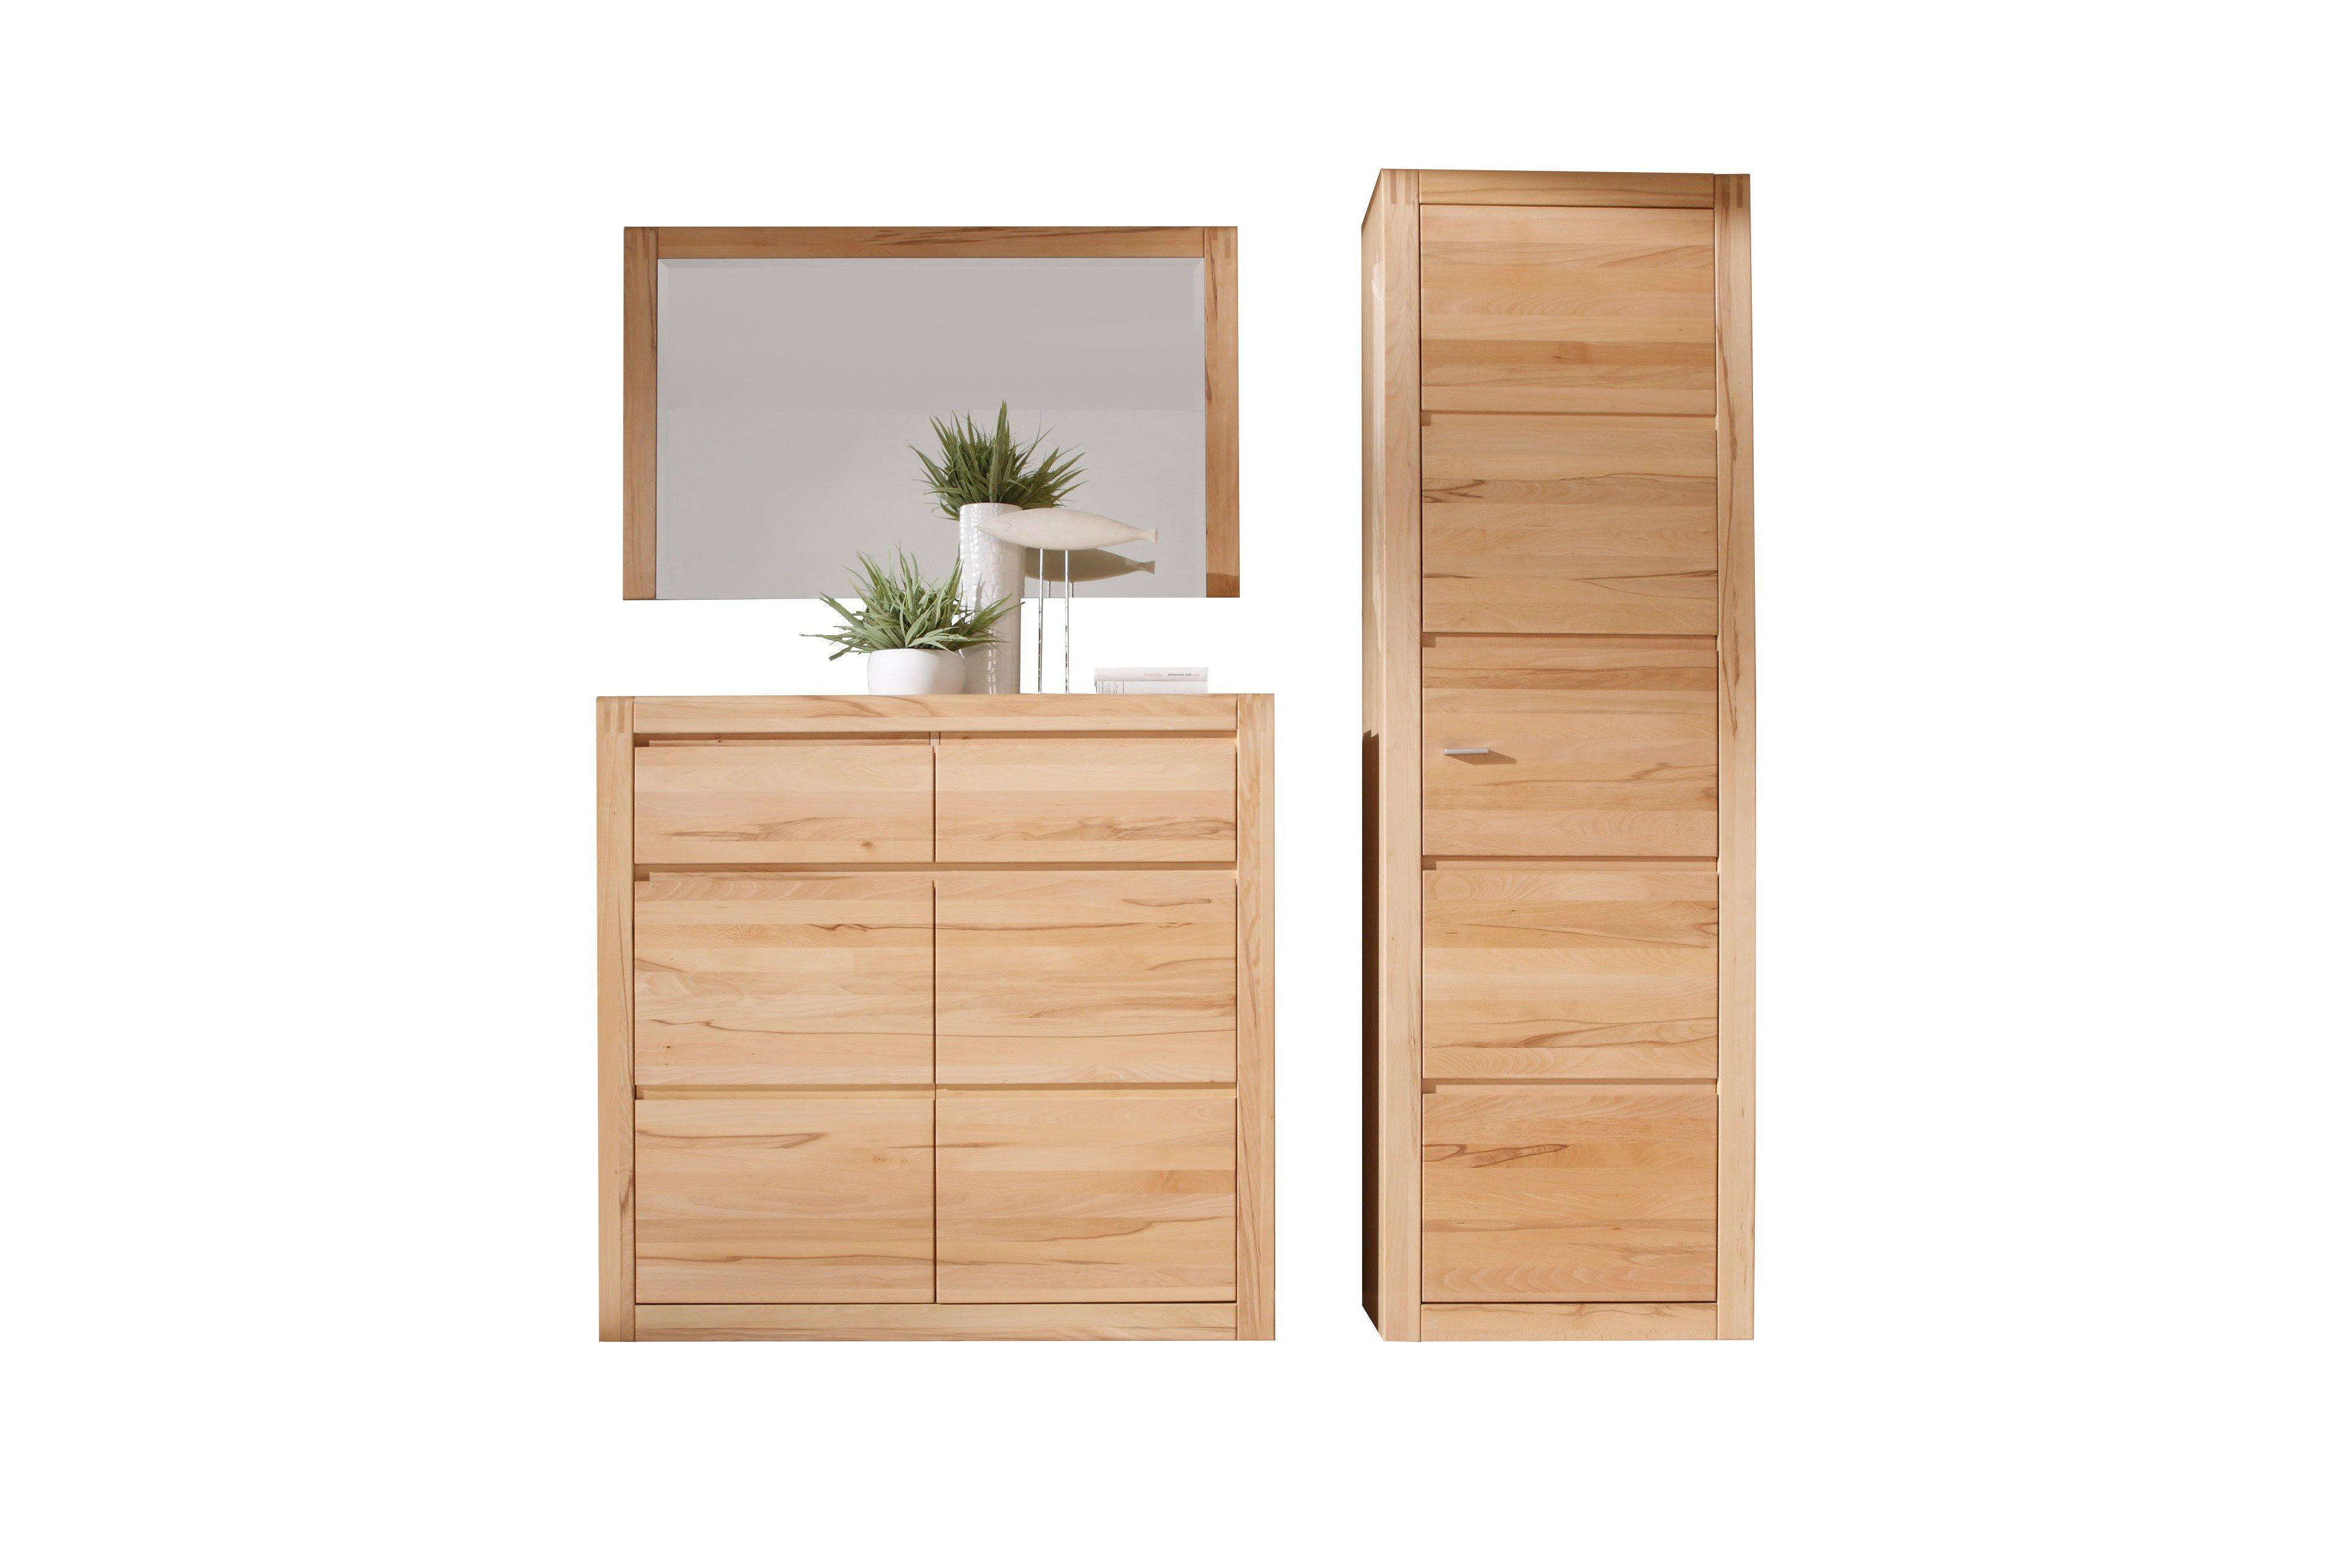 garderobe vivien kernbuchenholz aus der kollektion letz m bel letz ihr online shop. Black Bedroom Furniture Sets. Home Design Ideas